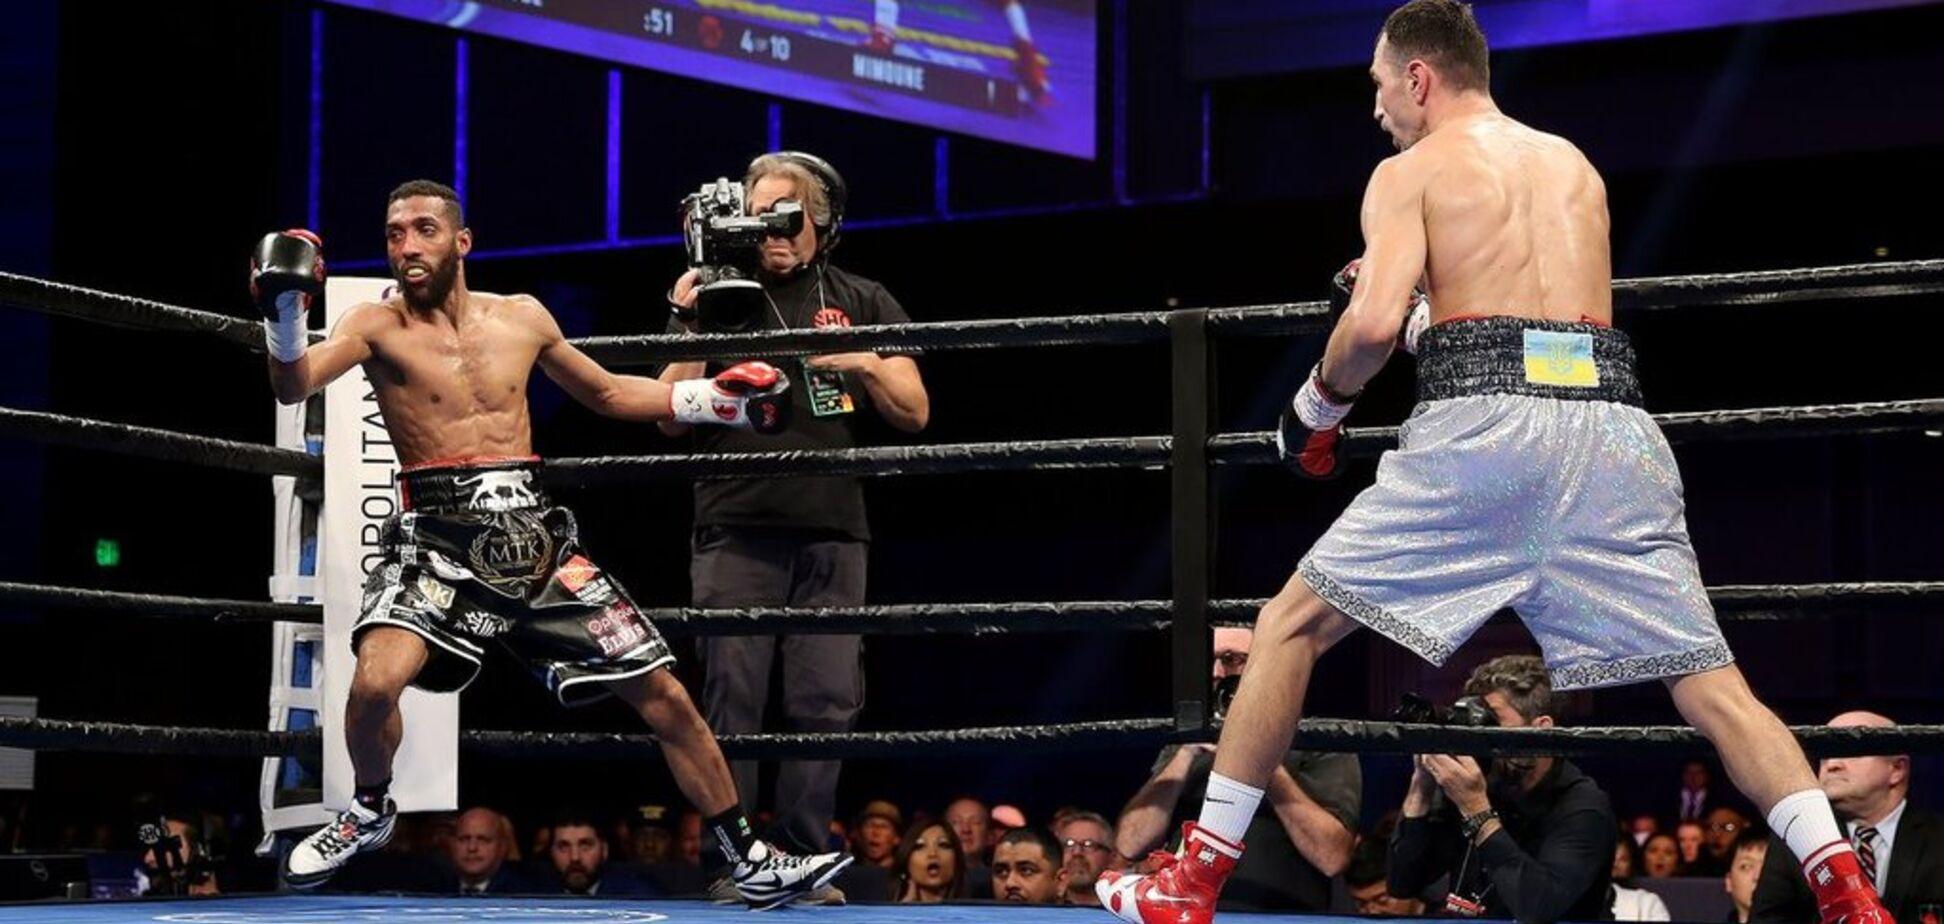 Знаменитий український боксер ефектно виграв бій i став претендентом на титул